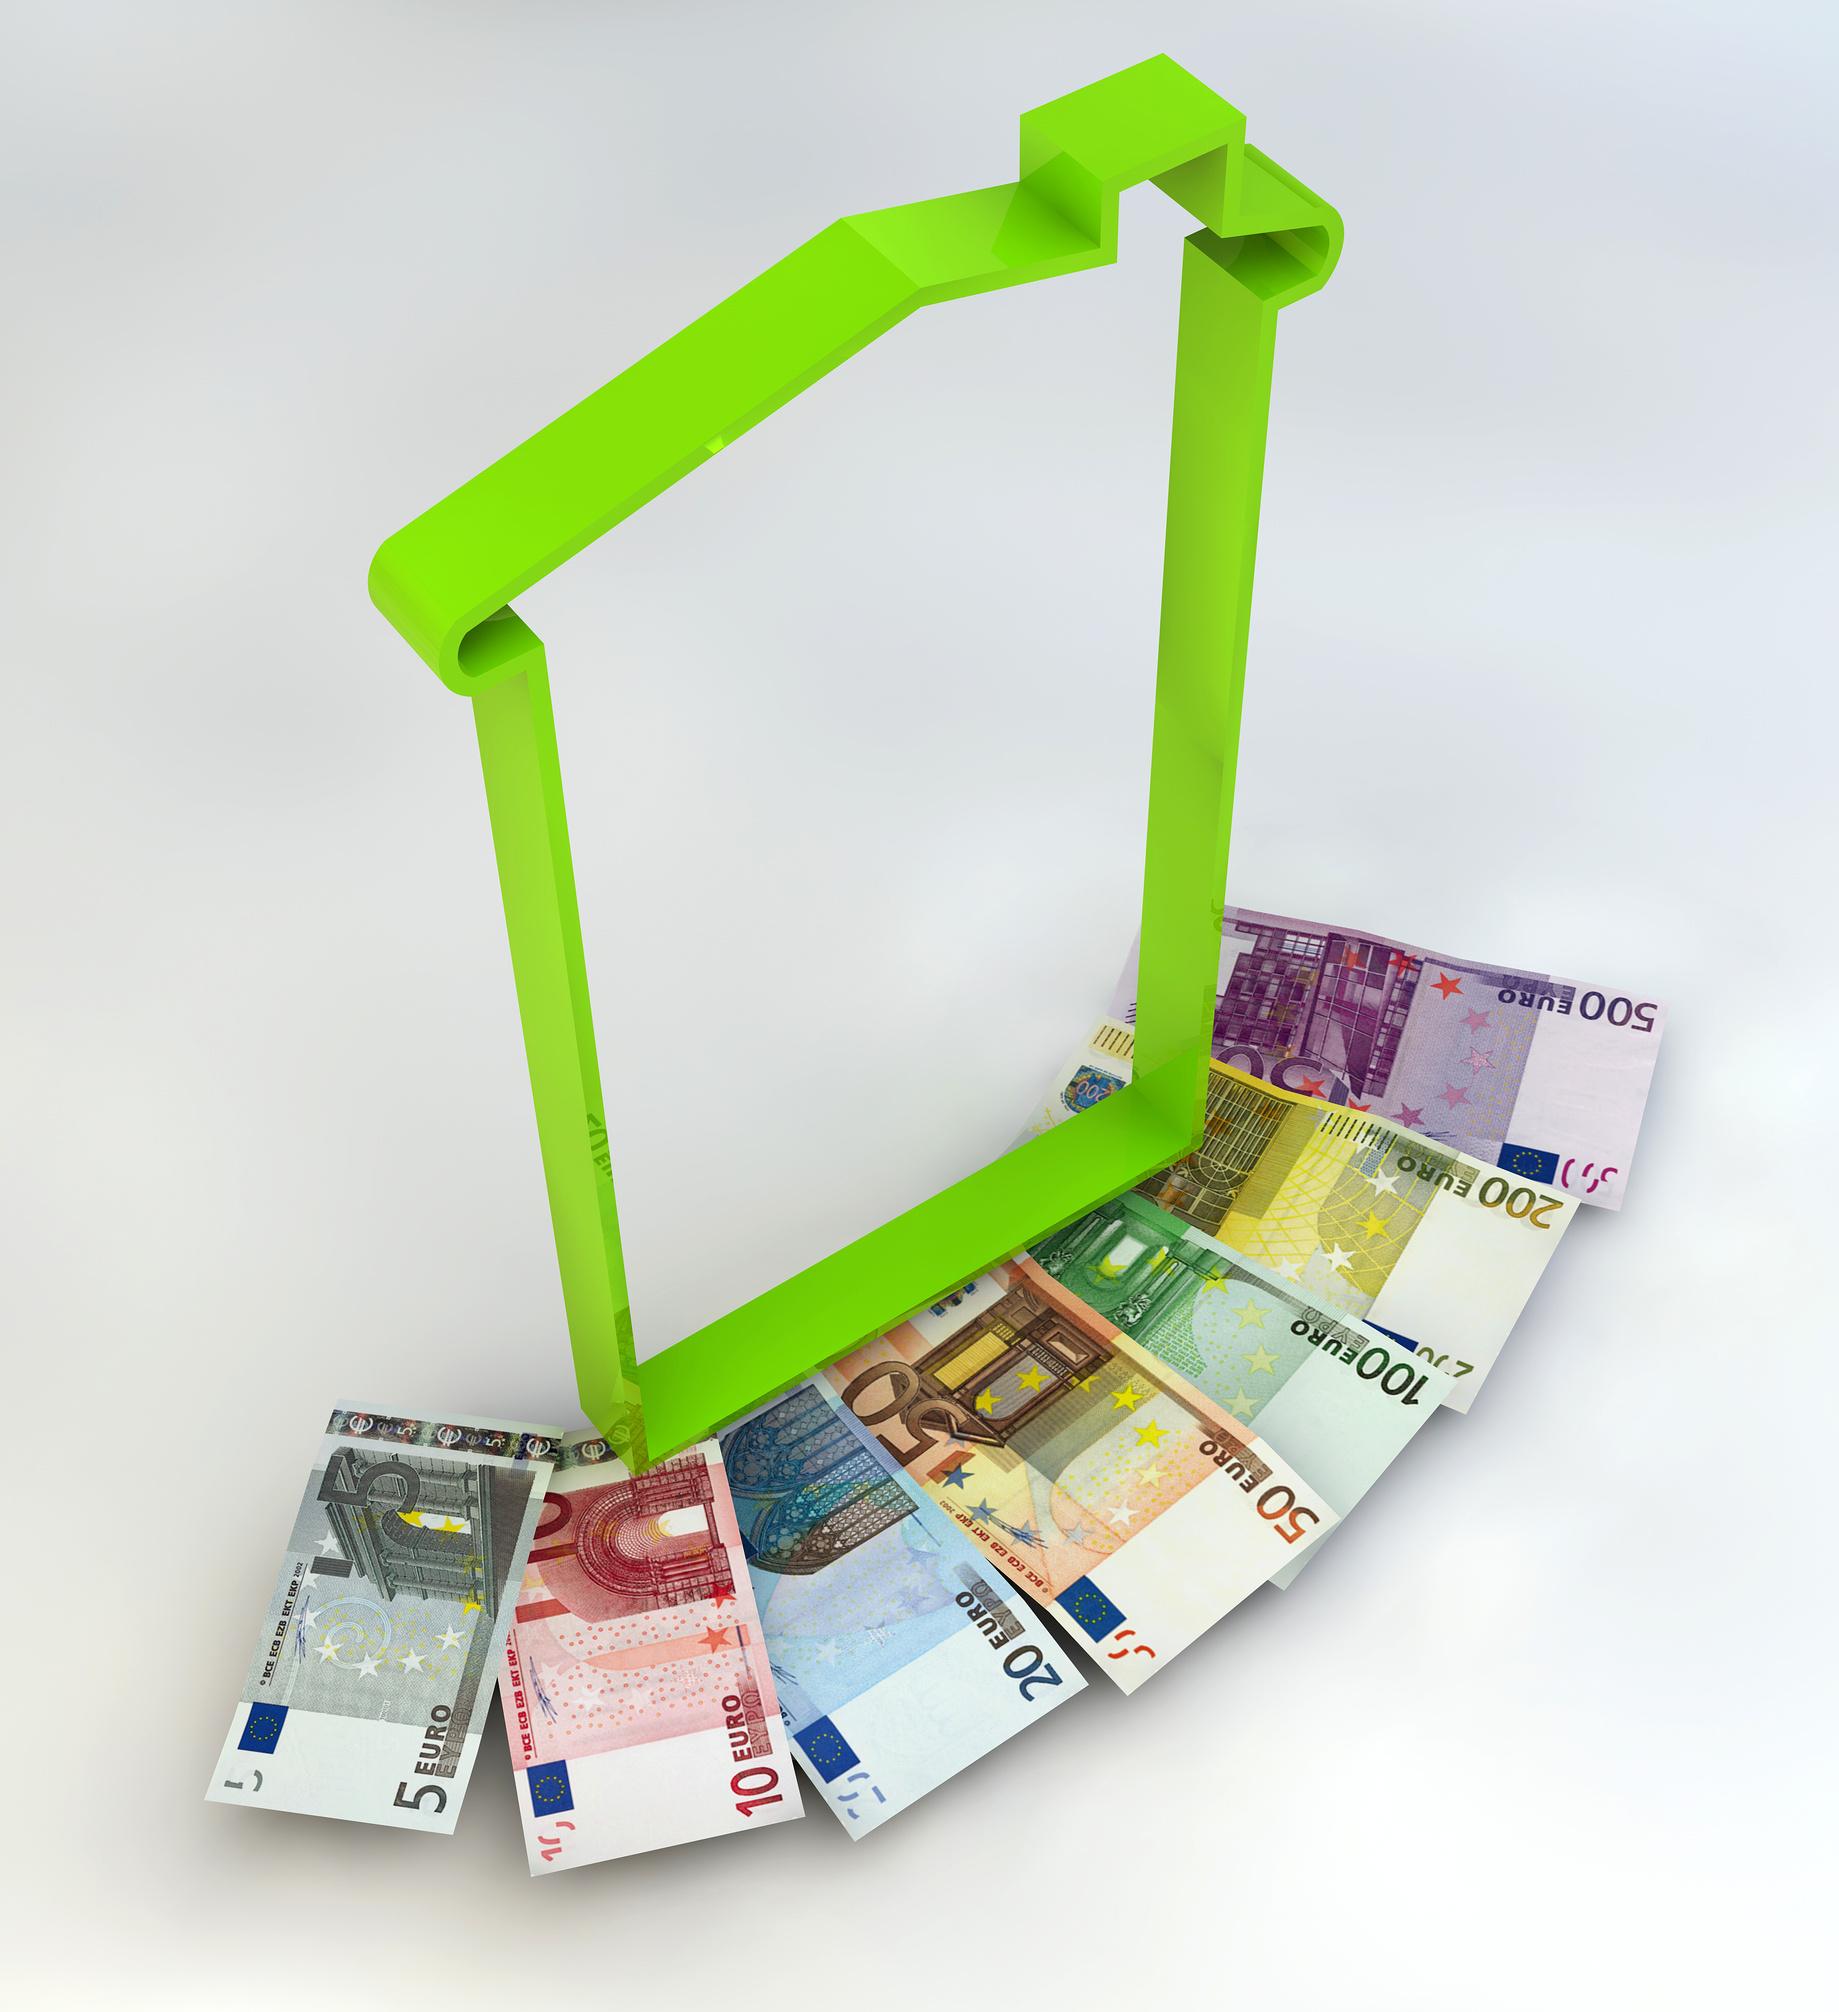 Case di lusso e agevolazioni prima casa blog sim immobiliare novarablog sim immobiliare novara - Agevolazioni prima casa ...